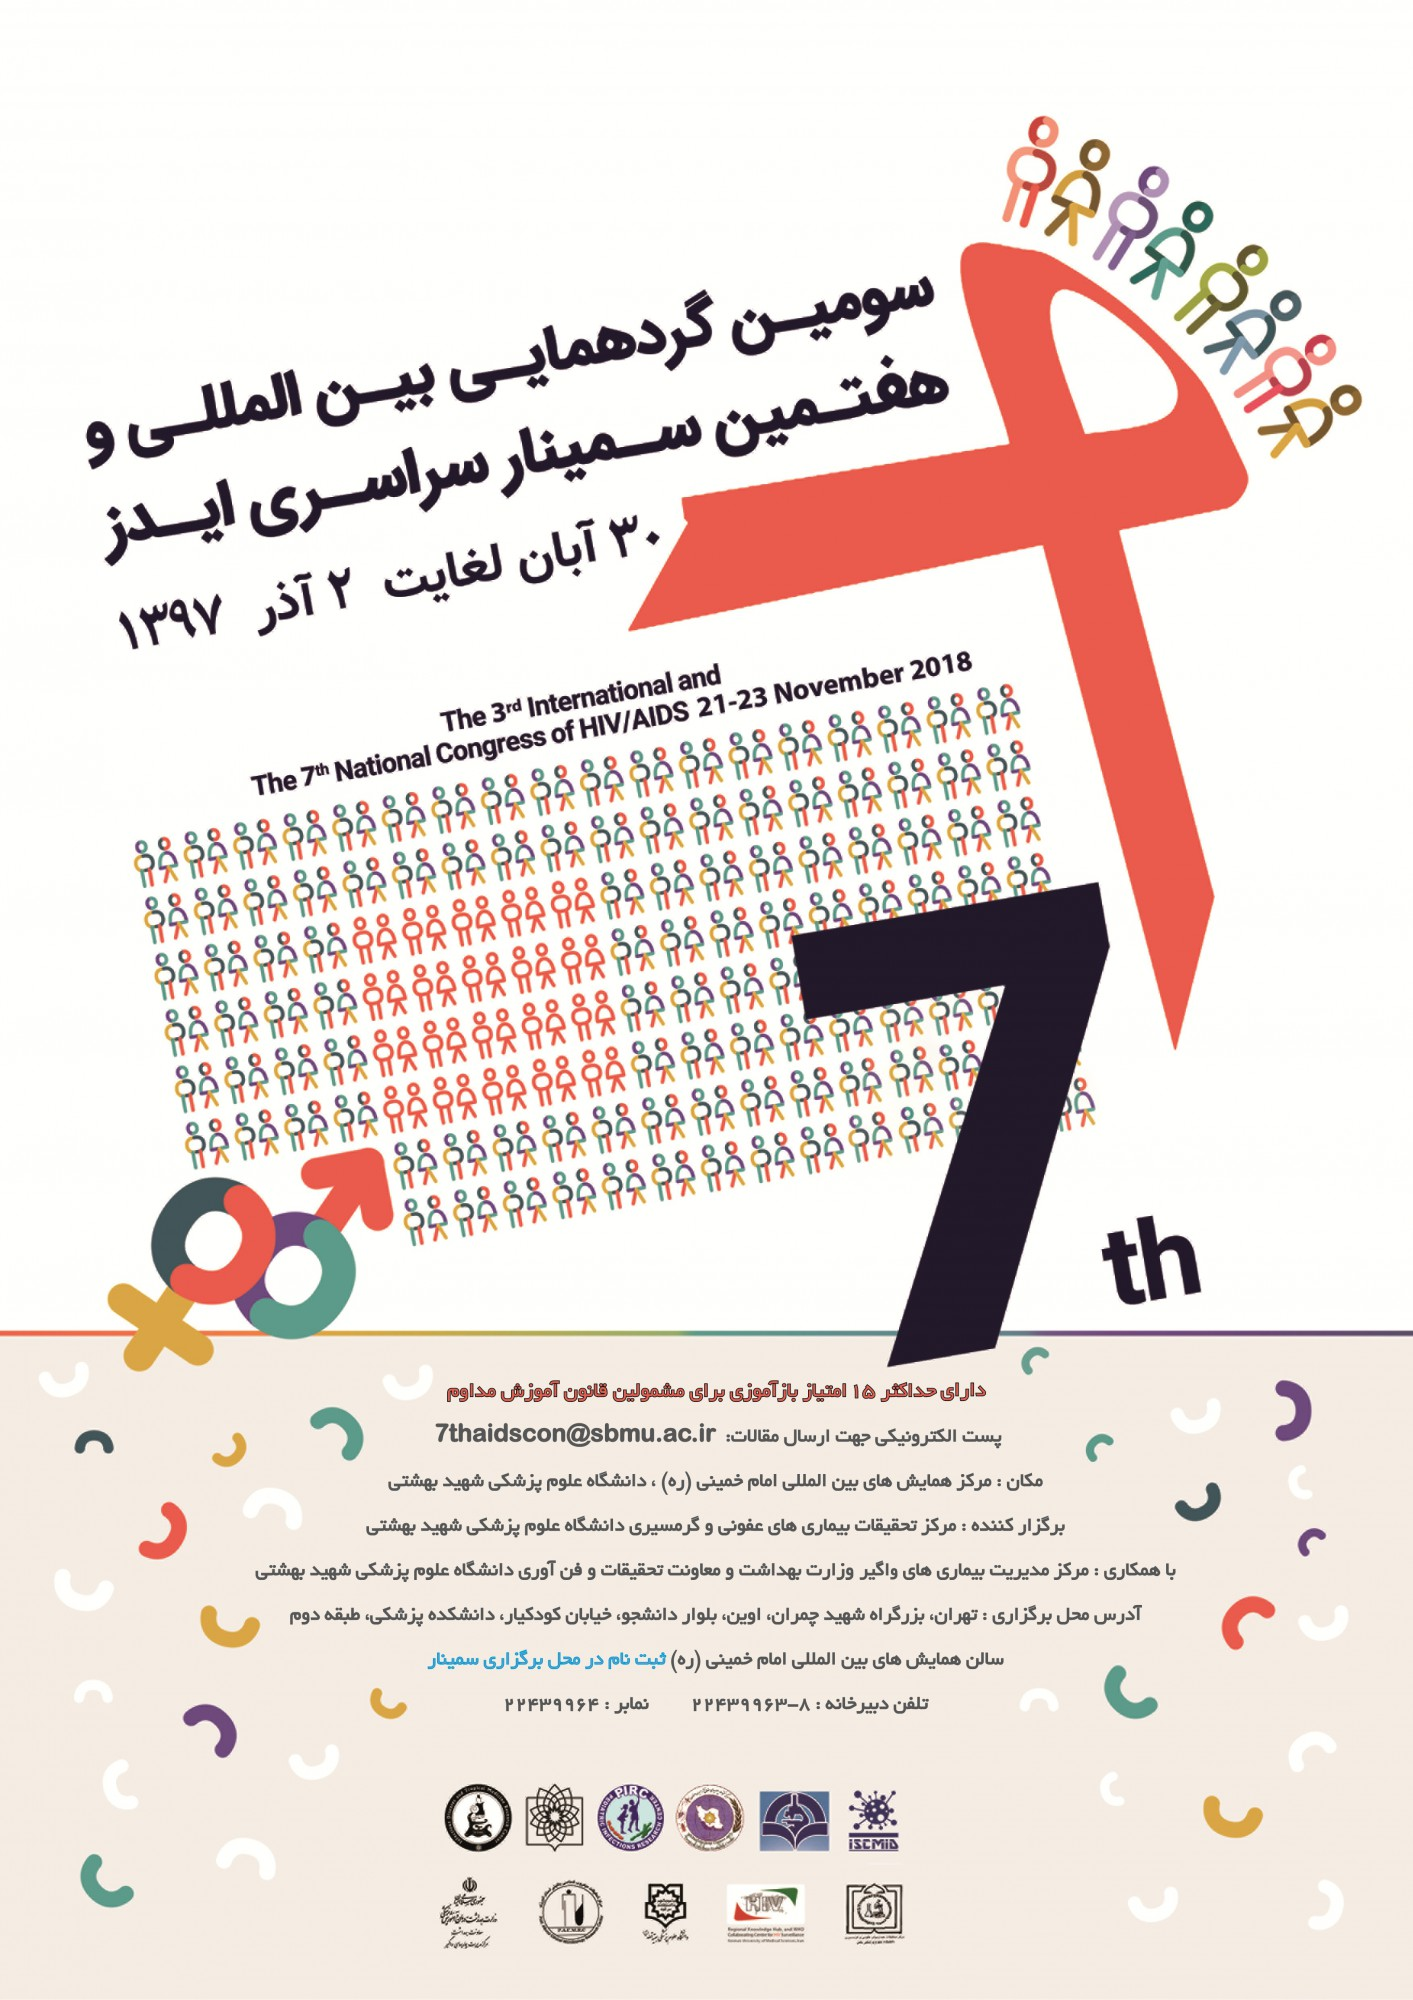 سومین گردهمایی بین المللی و هفتمین سمینار سراسری ایدز